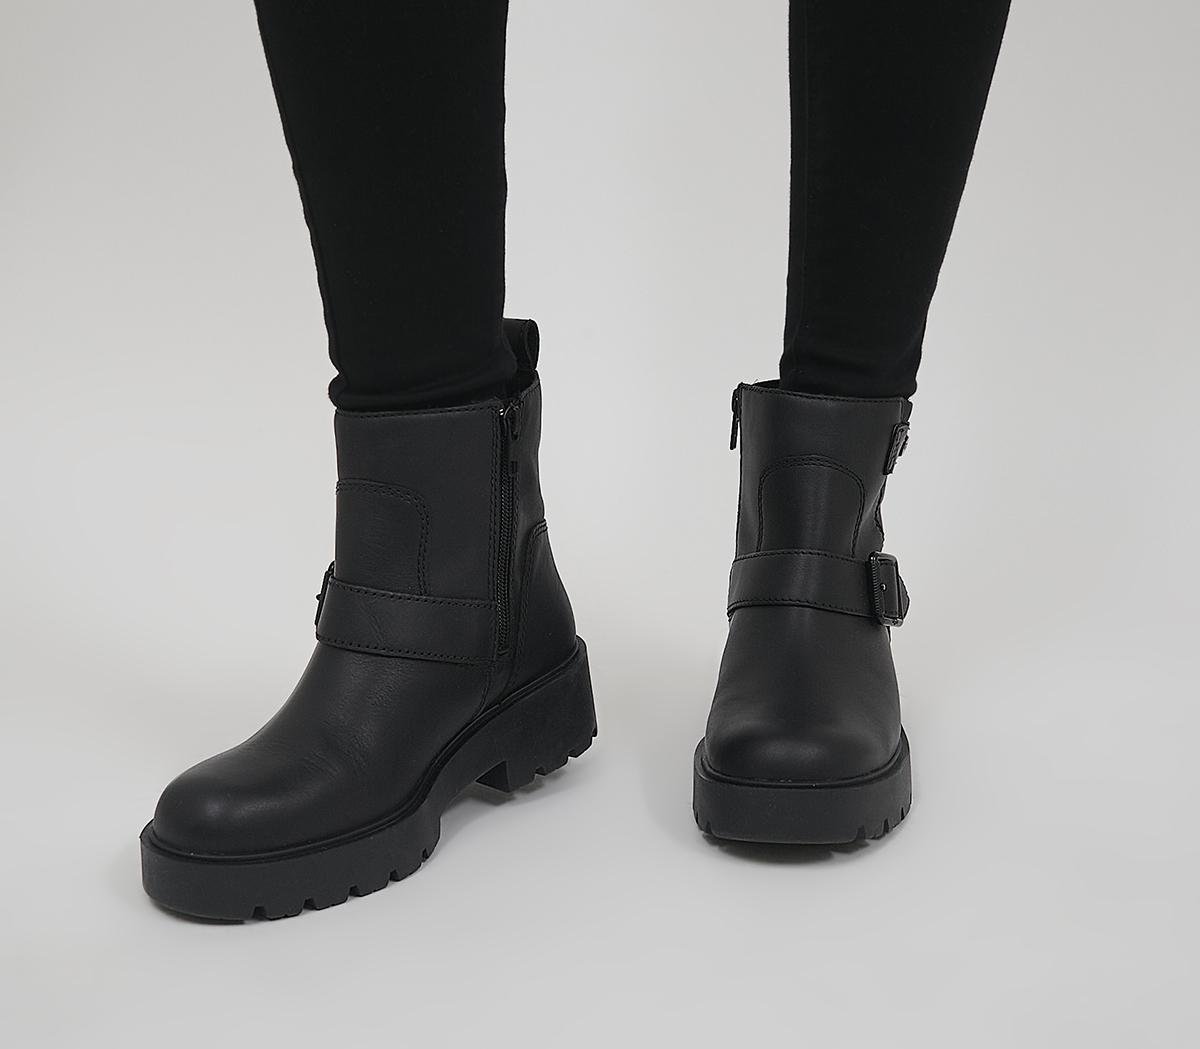 Saoirse Buckle Boots